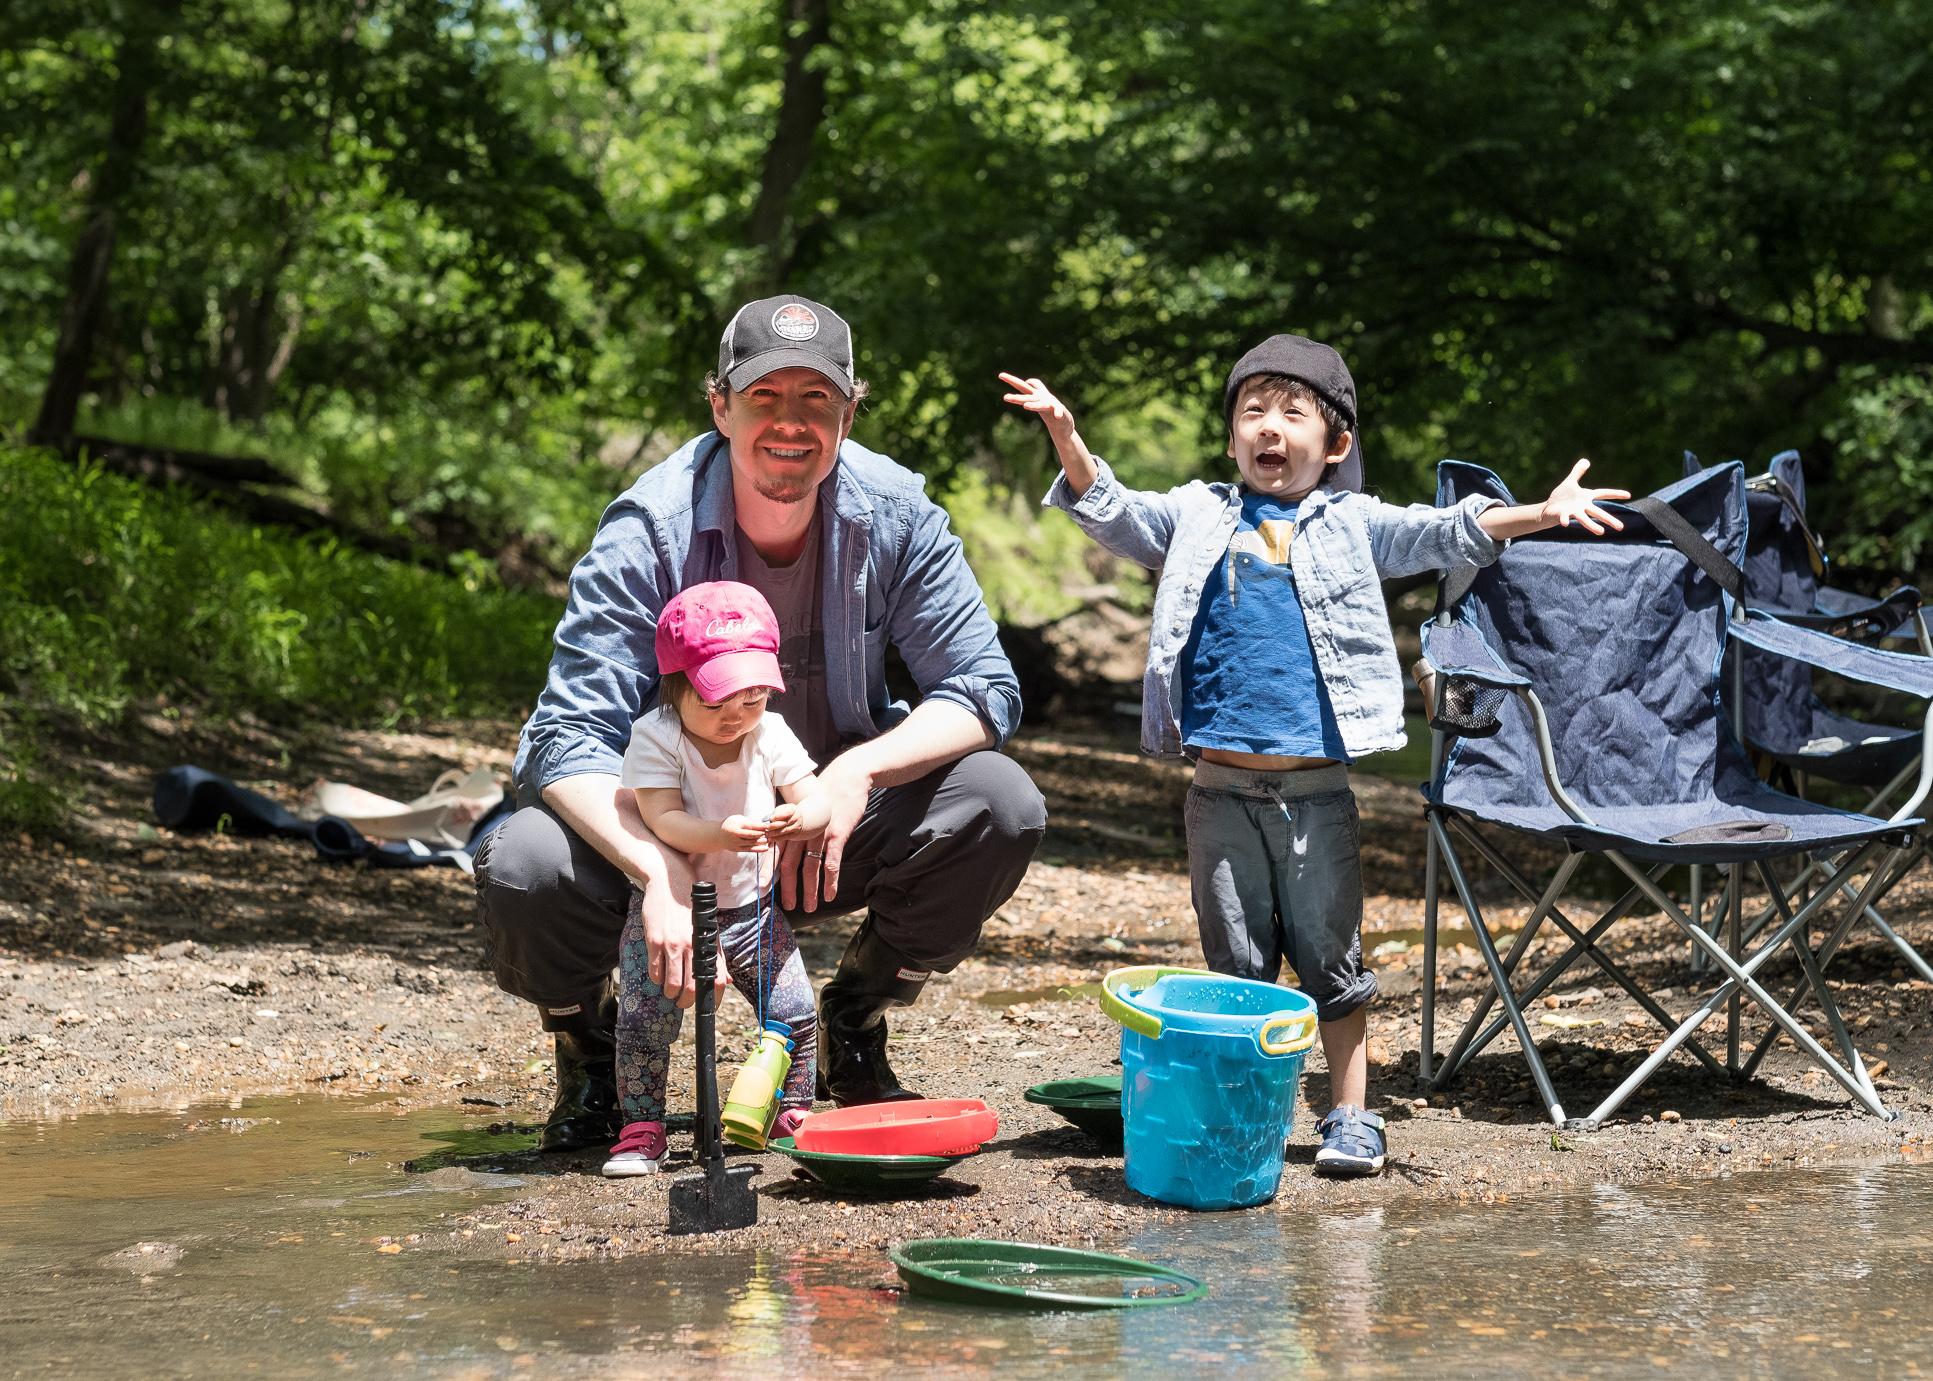 Fossil Hunting Big Brook Preserve Nj Web 7